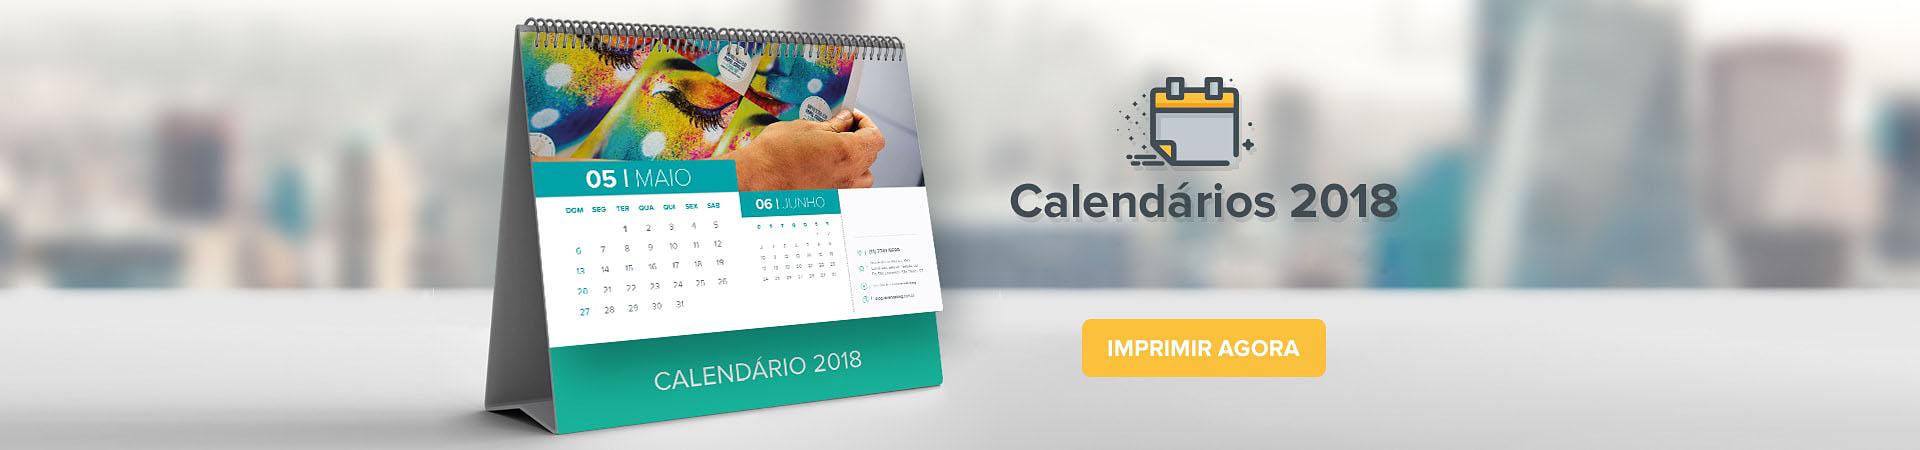 calendarios brindes adapt 2018